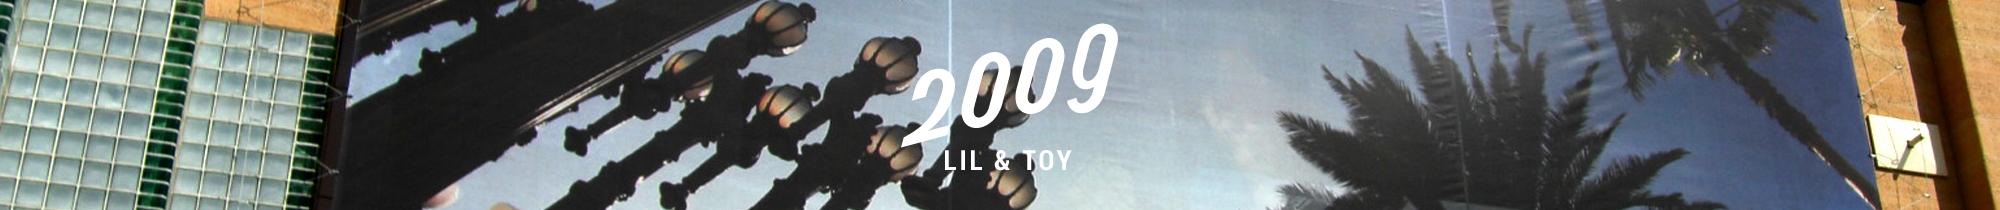 2009-lilntoy-slidi-01